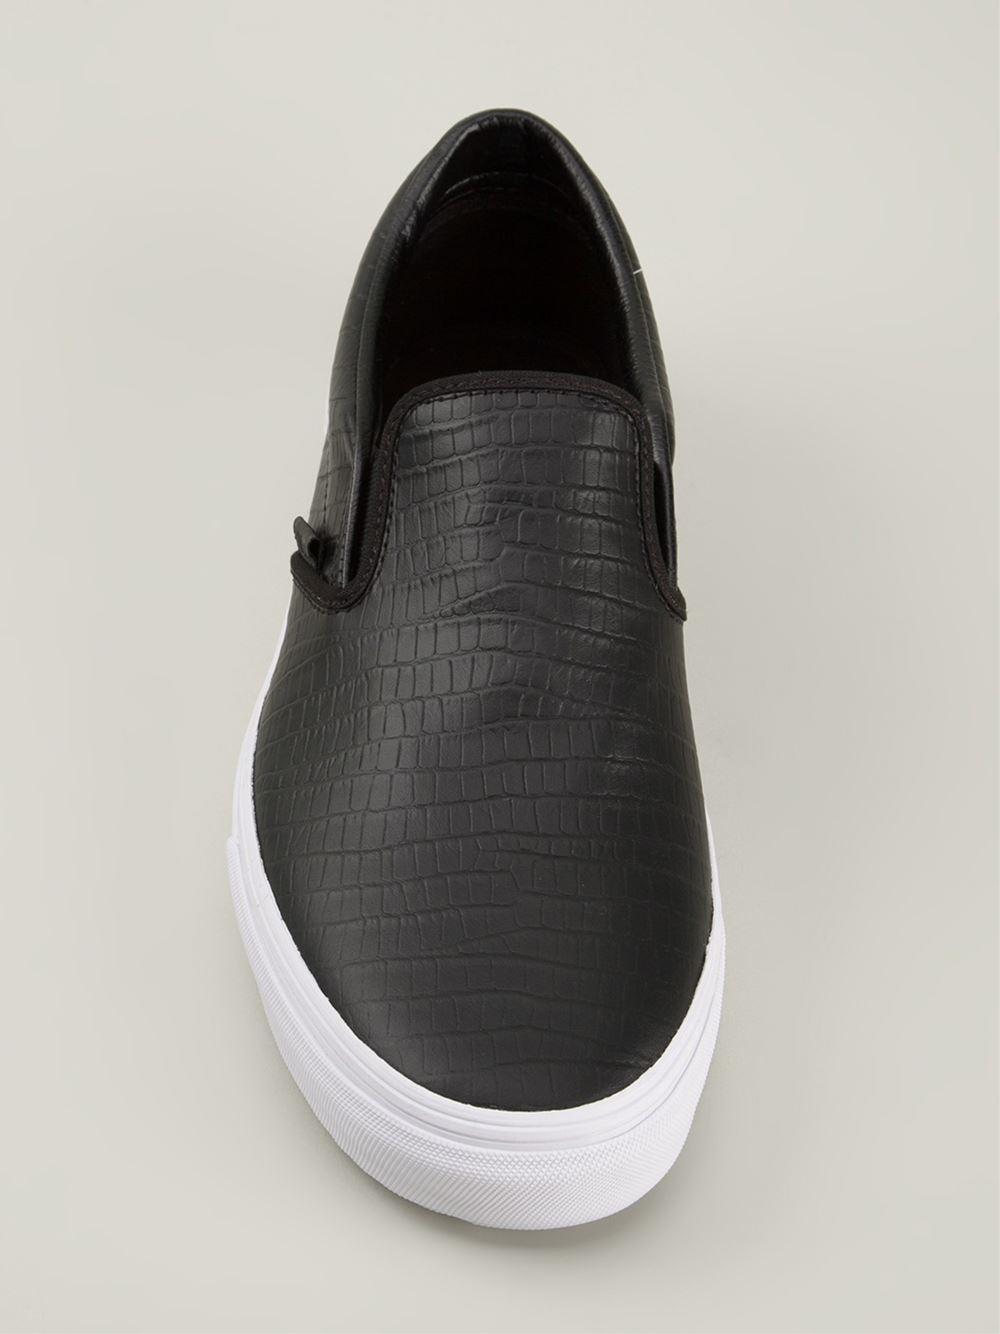 3d7337da7d Lyst - Vans Textured Slip-On Sneakers in Black